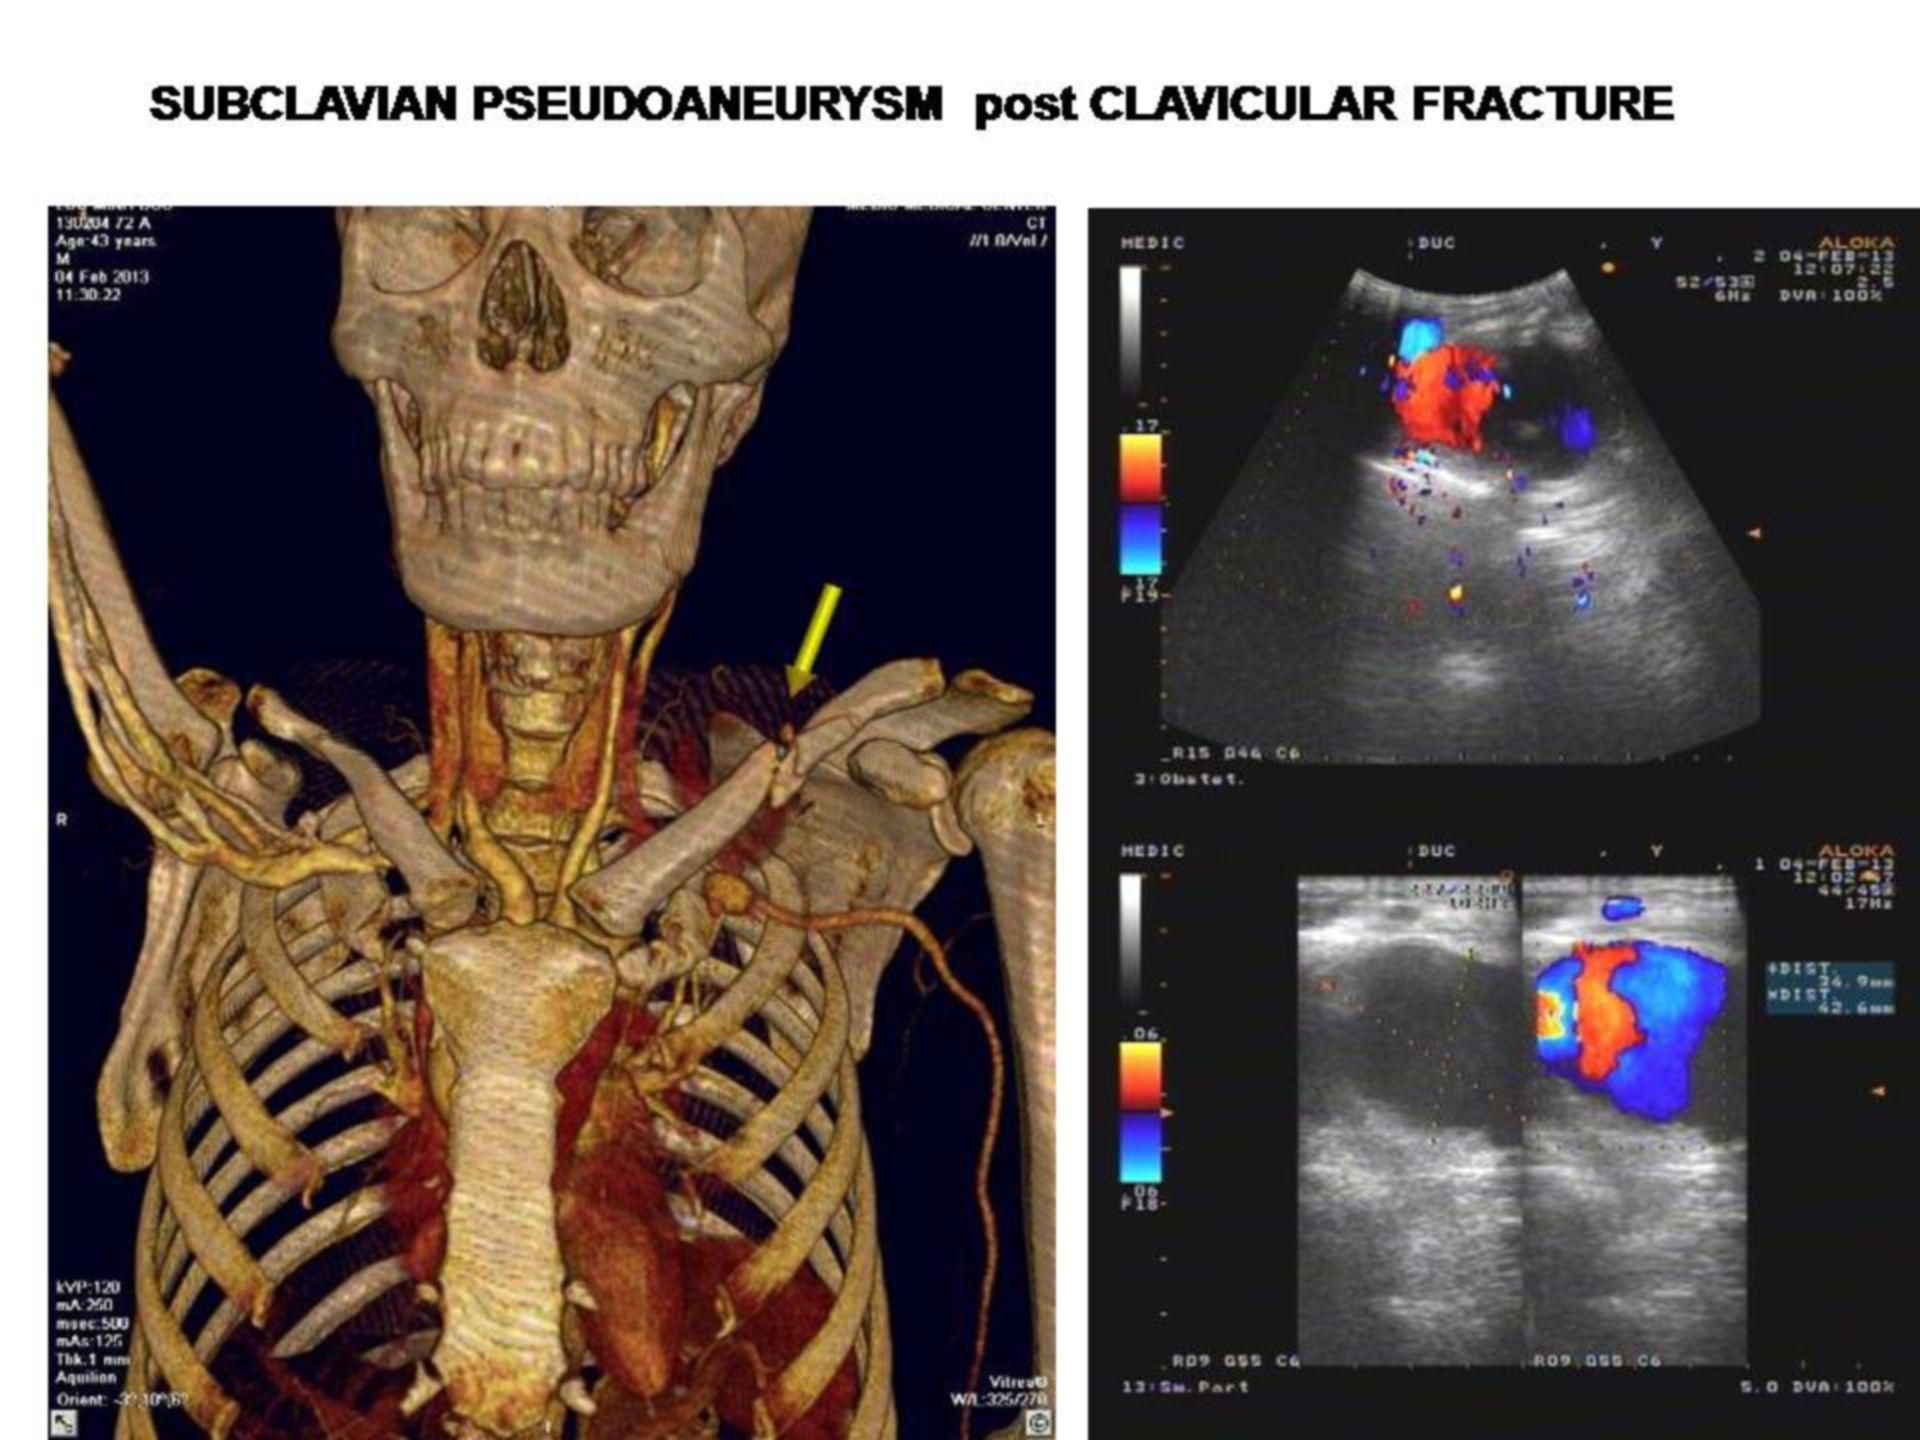 Subclavian Pseudoaneurysm